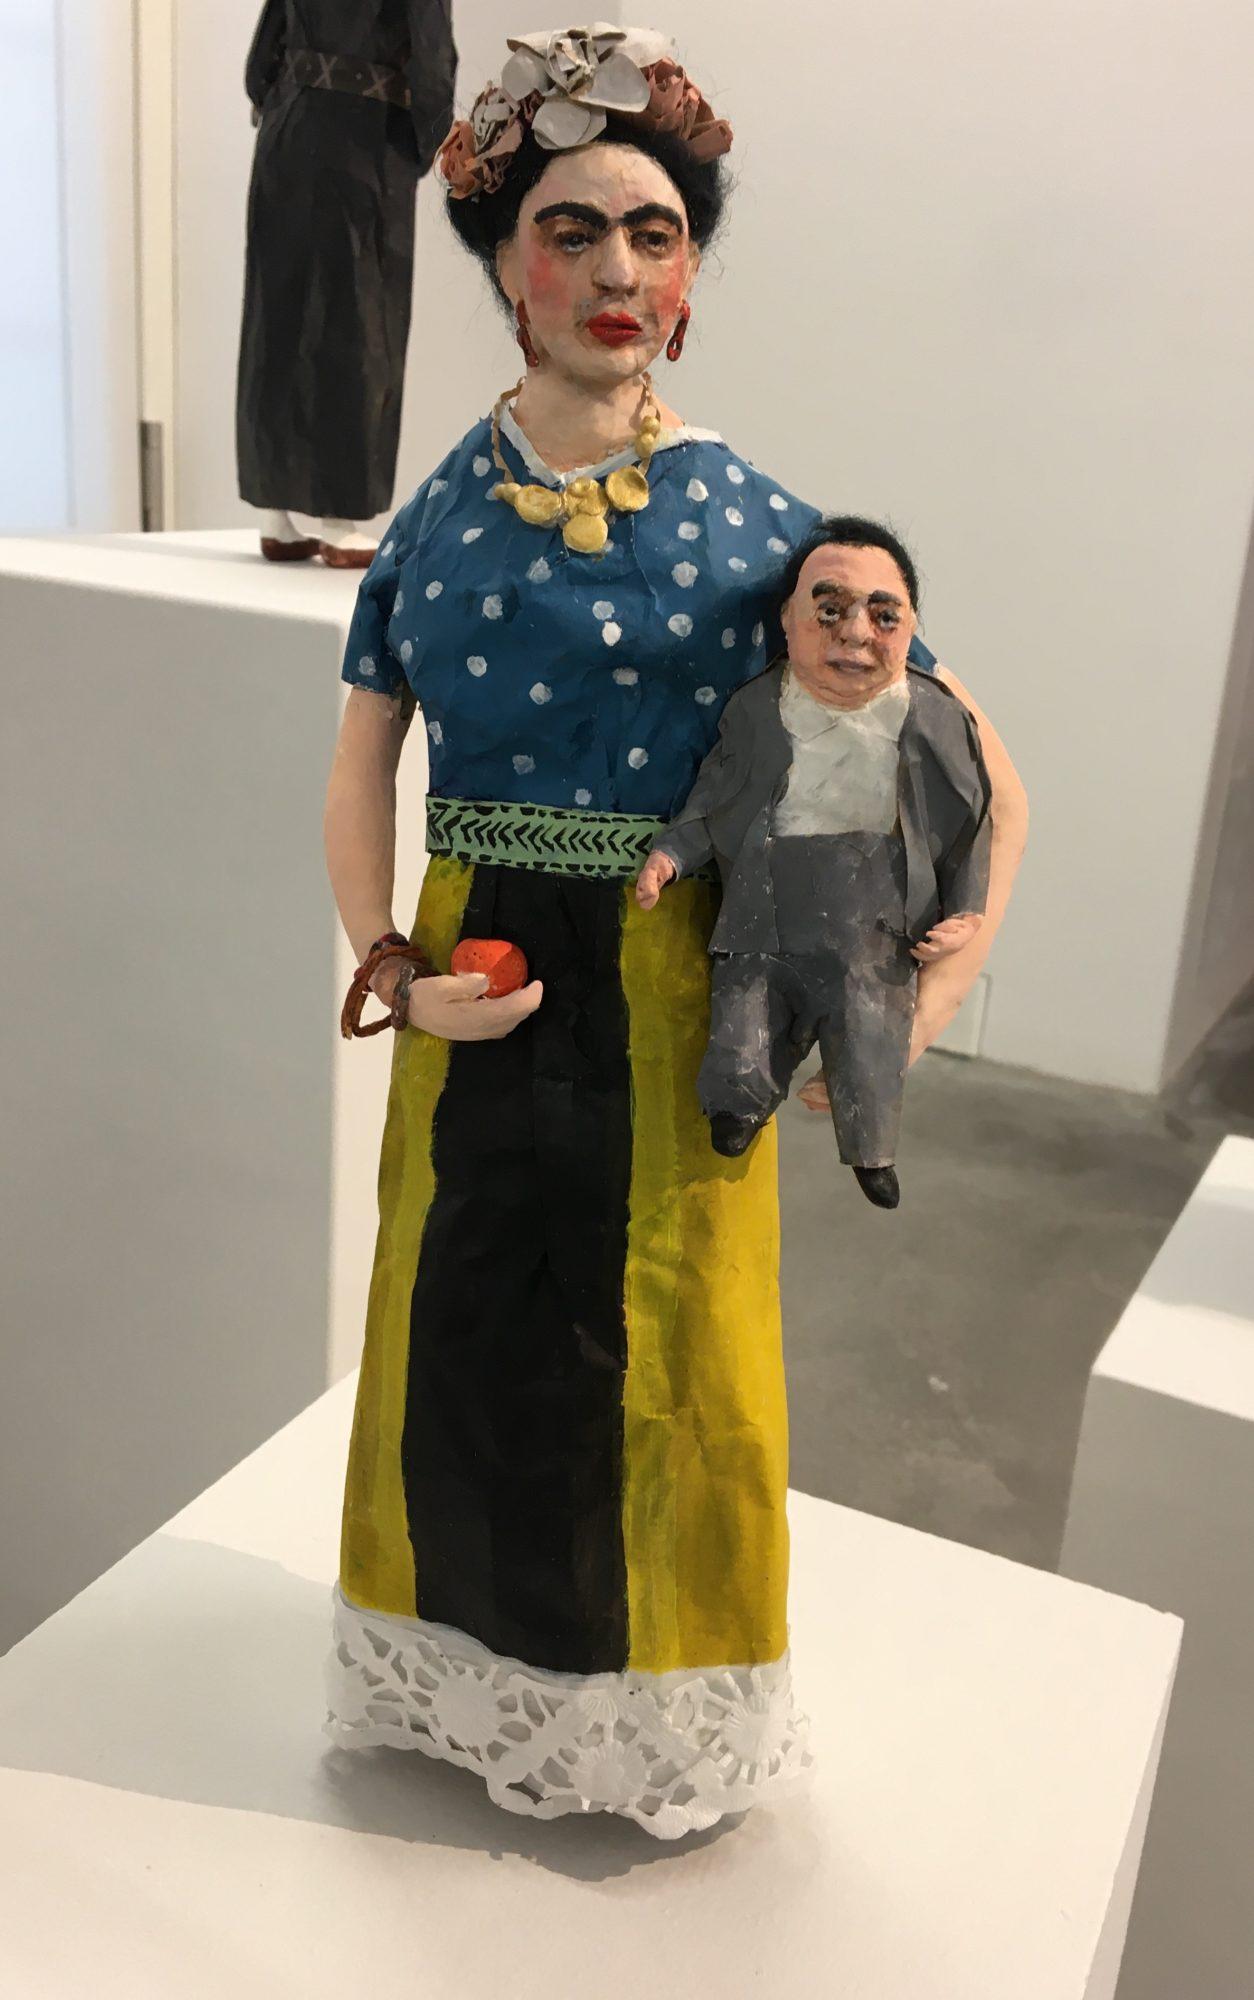 Die große Frida Kahlo und der kleine Diego Rivera: Bedeutungsproportionen in der Pastik von Franziska Meinert (aus der Reihe Ikonen der Kunstgeschichte). Ausgestellt 2020:  https://www.zitadelle-berlin.de/ausstellungen/disturbance-witch/